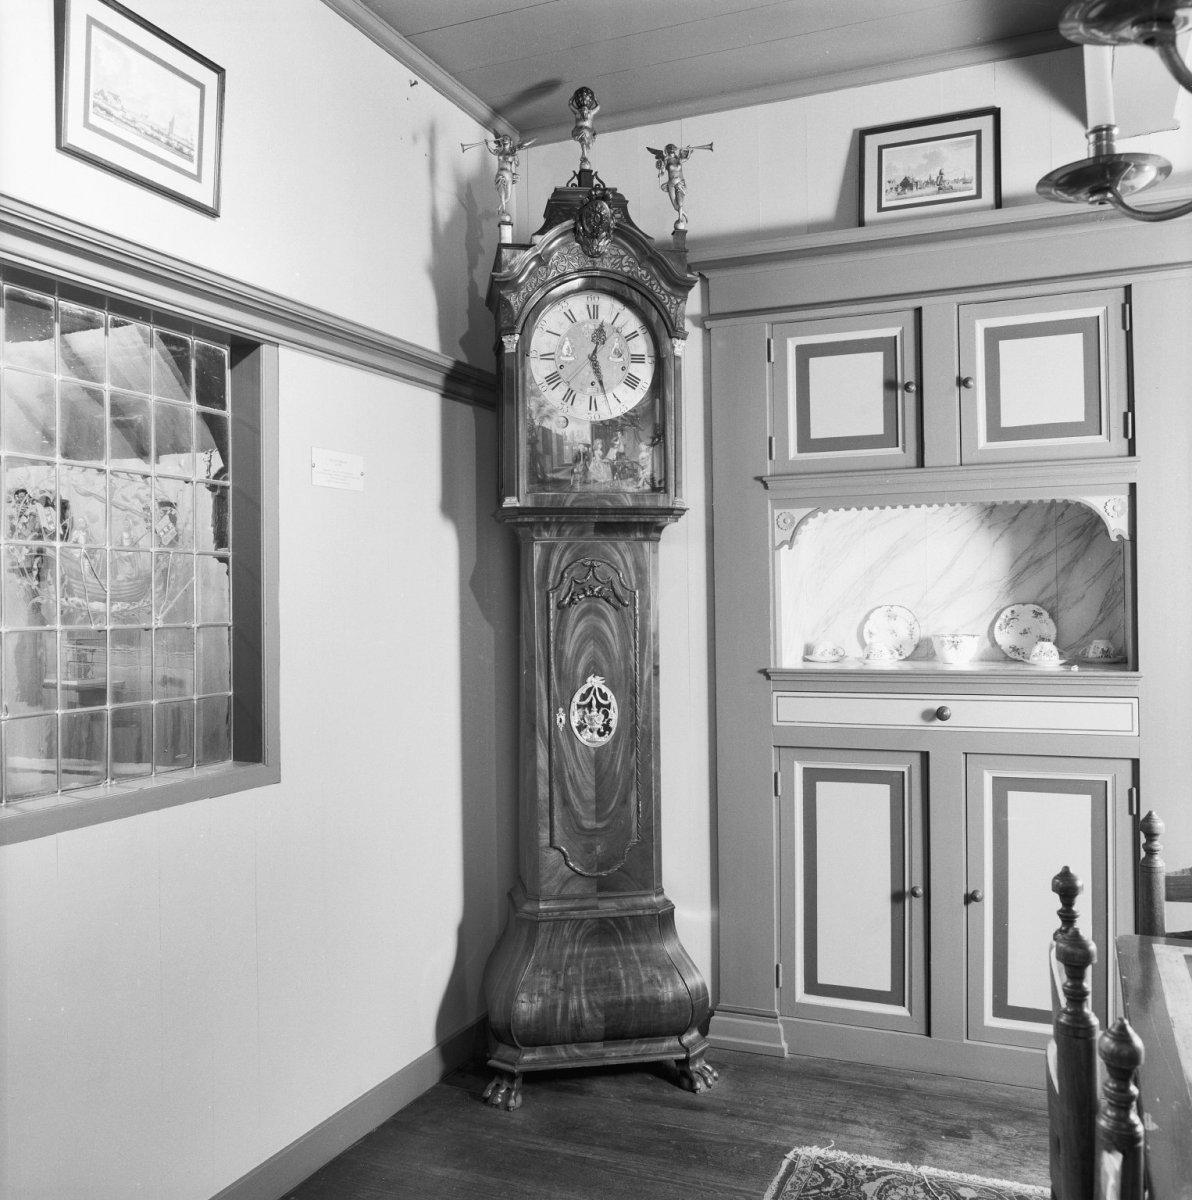 File interieur staand horloge uit ca 1785 gesigneerd for De jong interieur